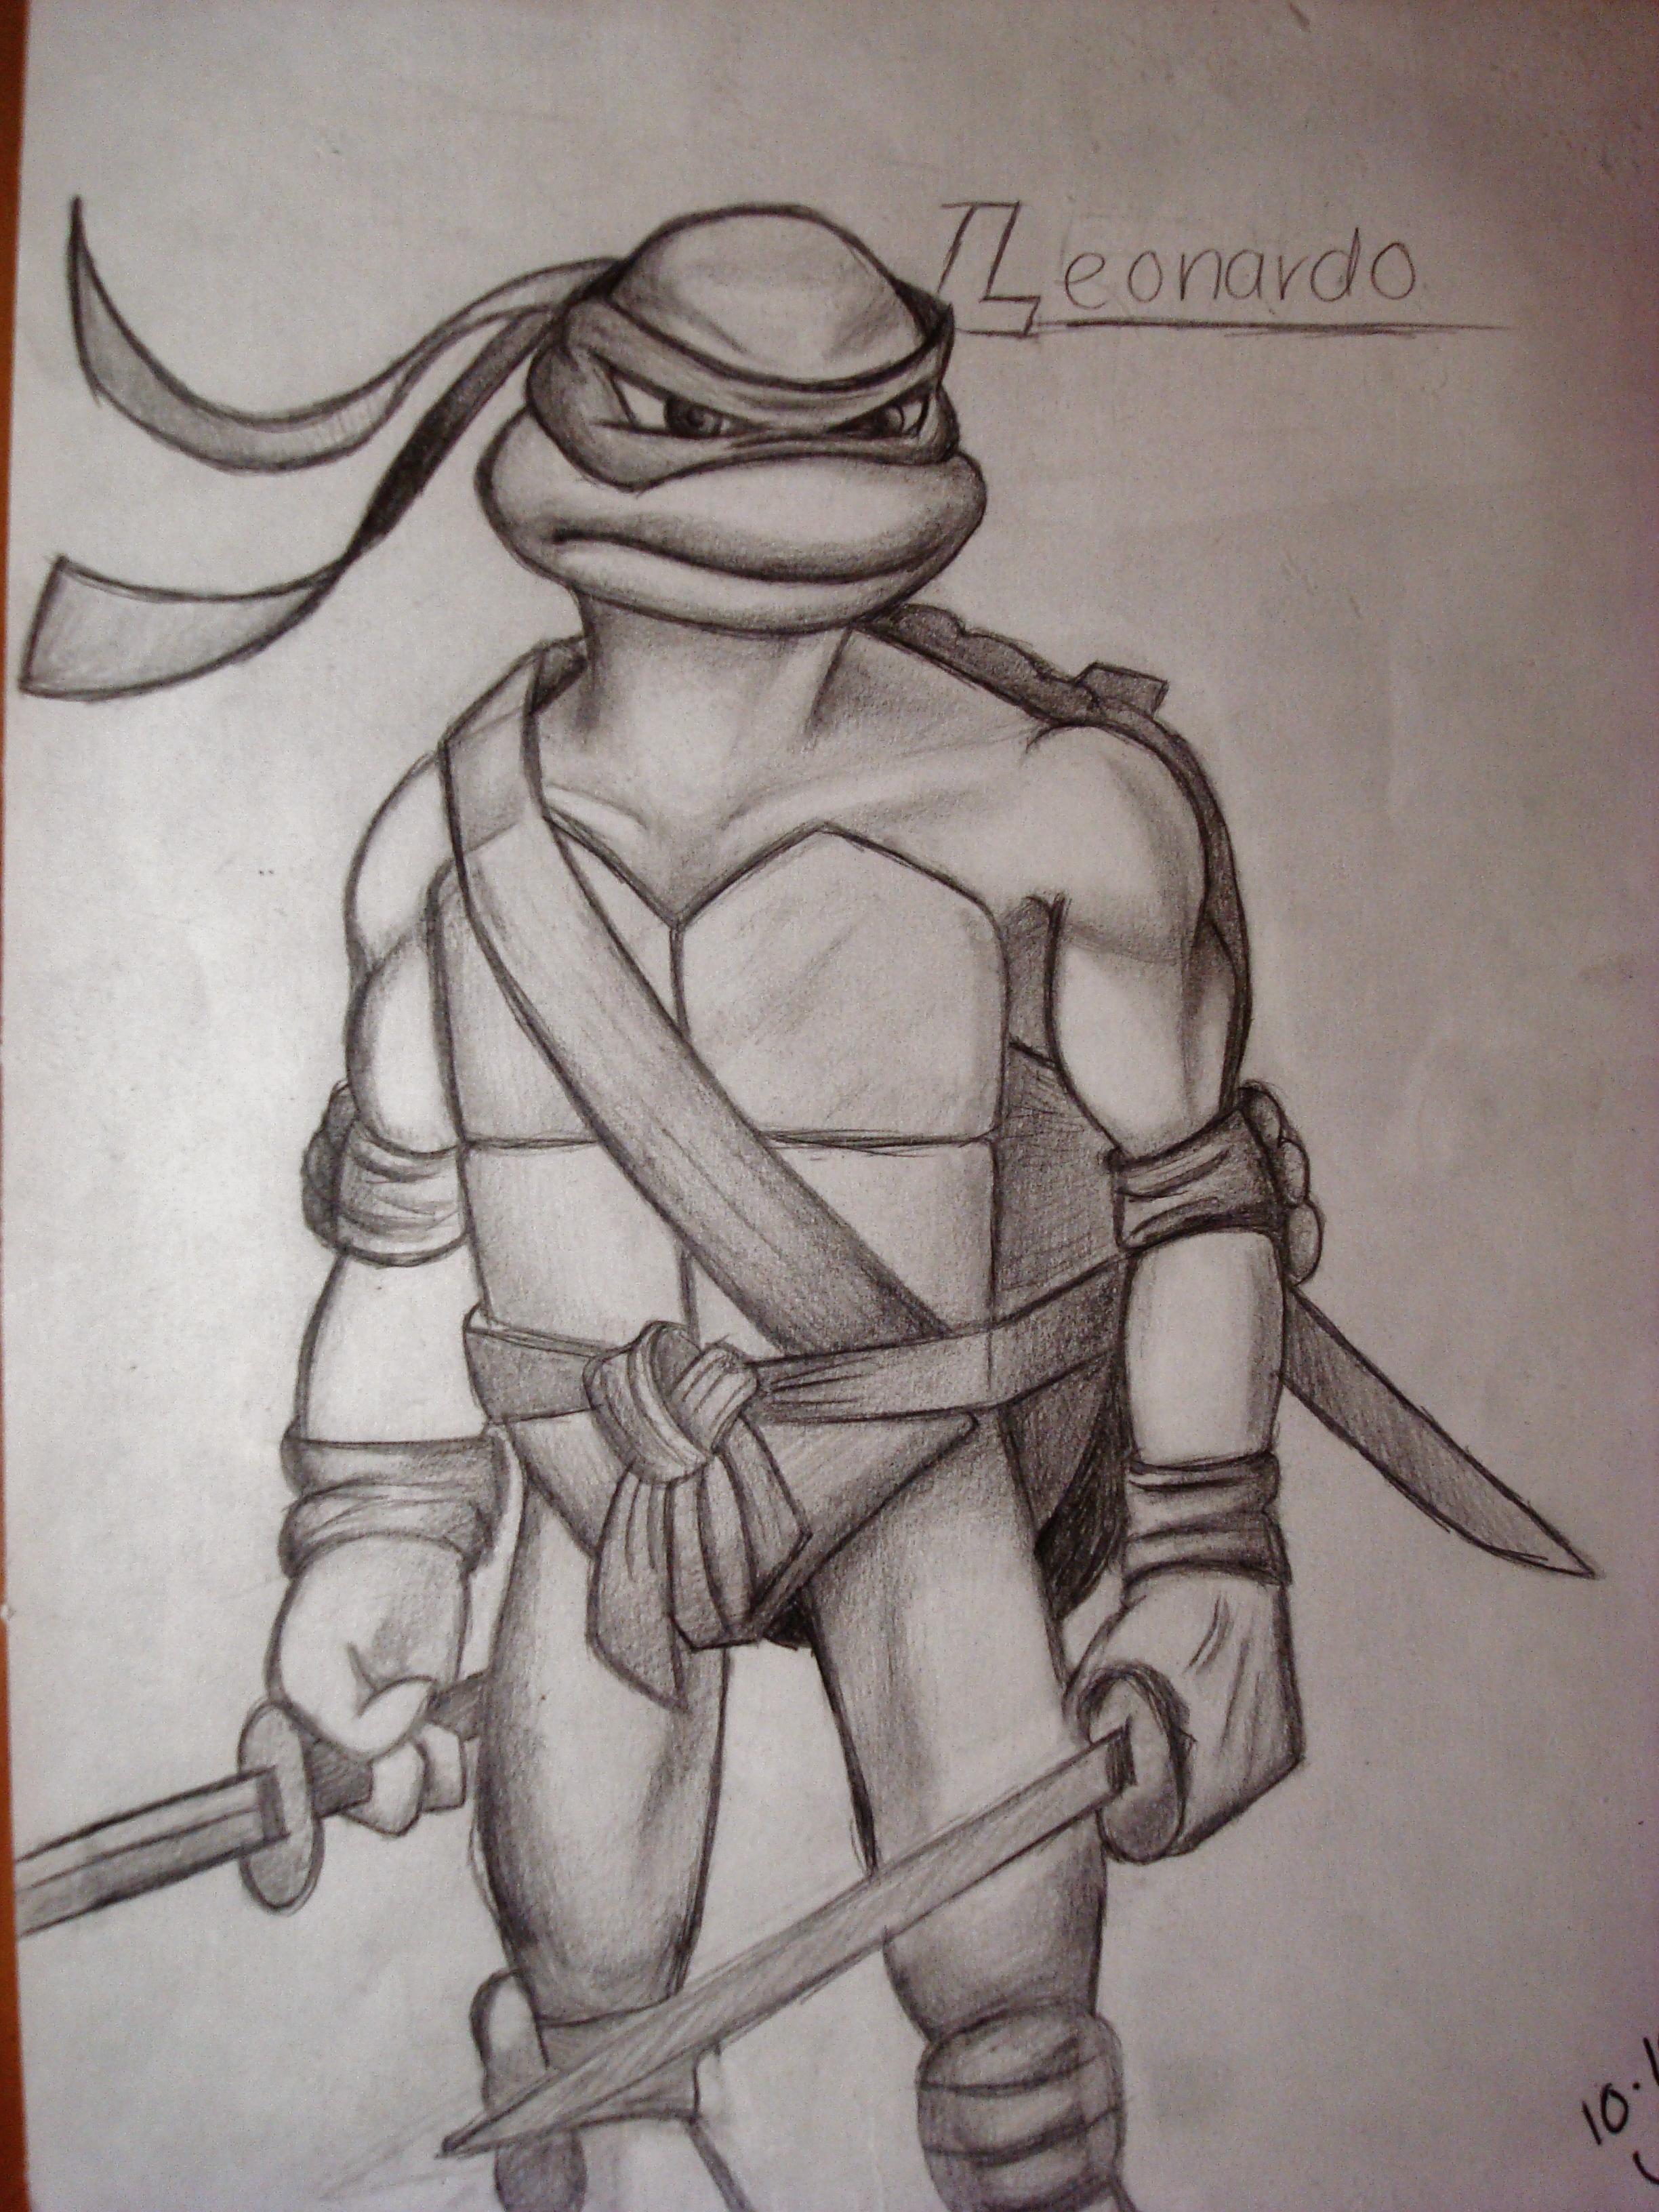 Teenage Mutant Ninja Turtles Images Leonardo TMNT HD